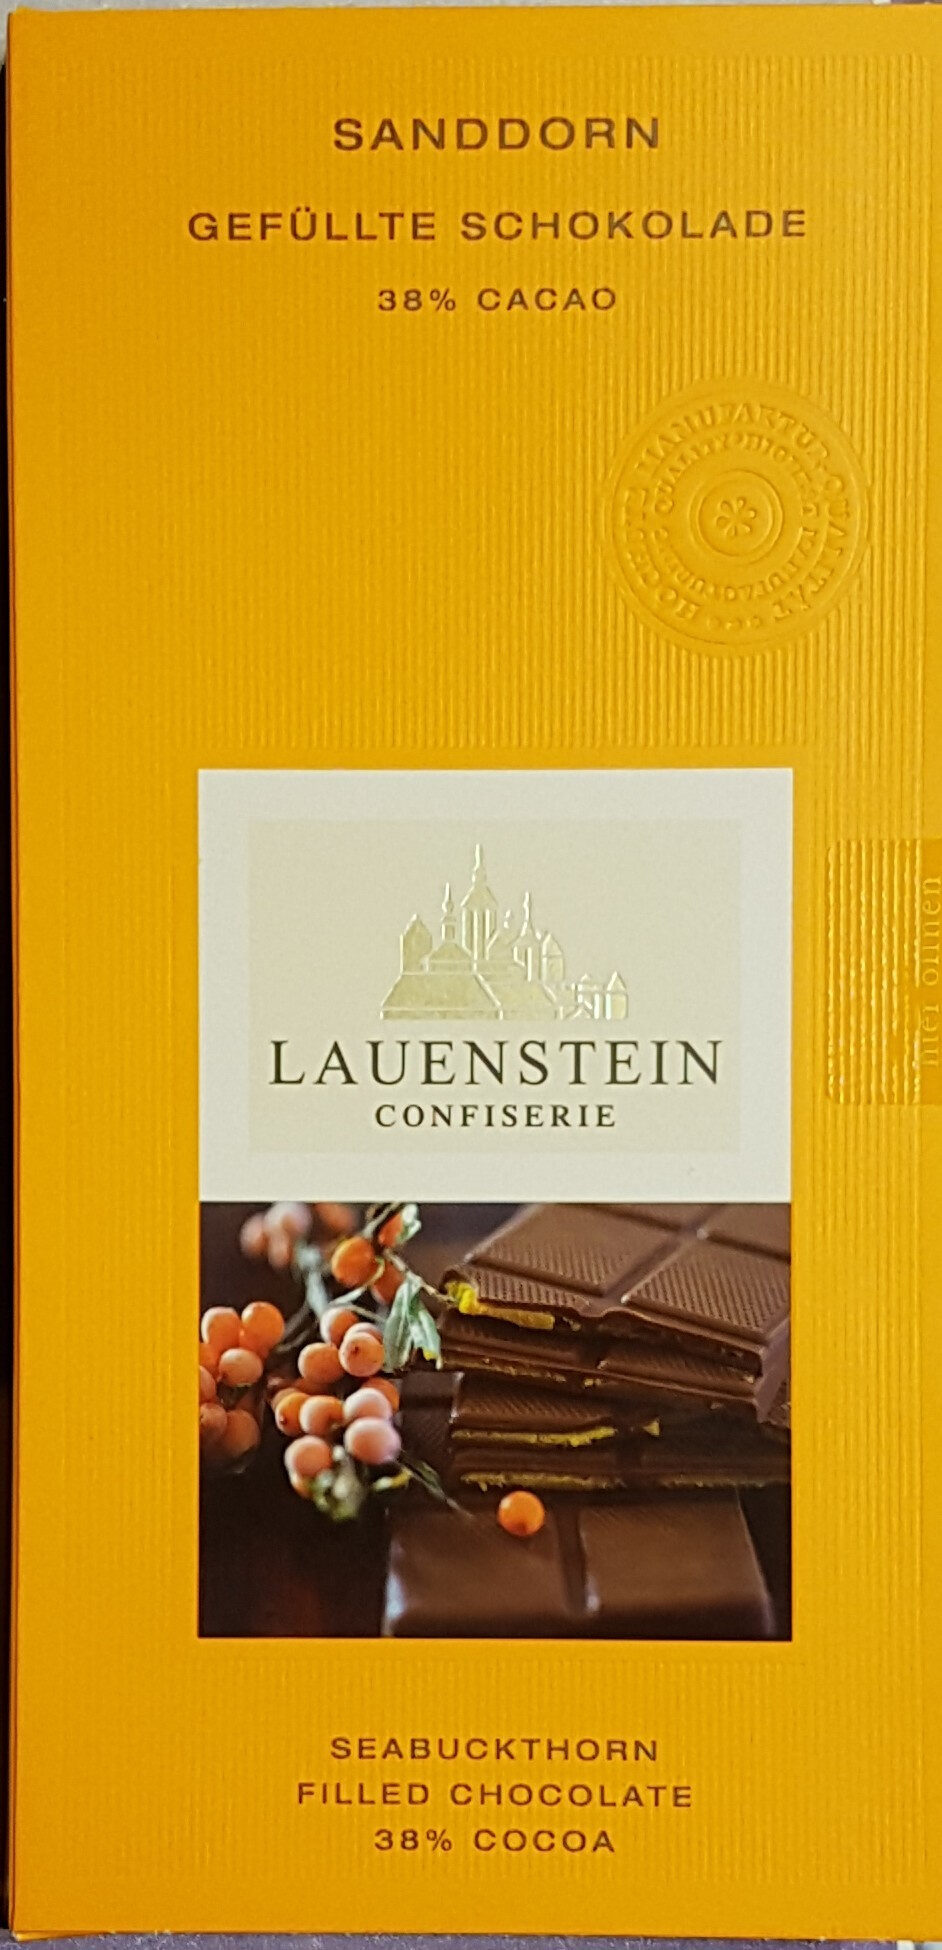 Sanddorn gefüllte Schokolade - Product